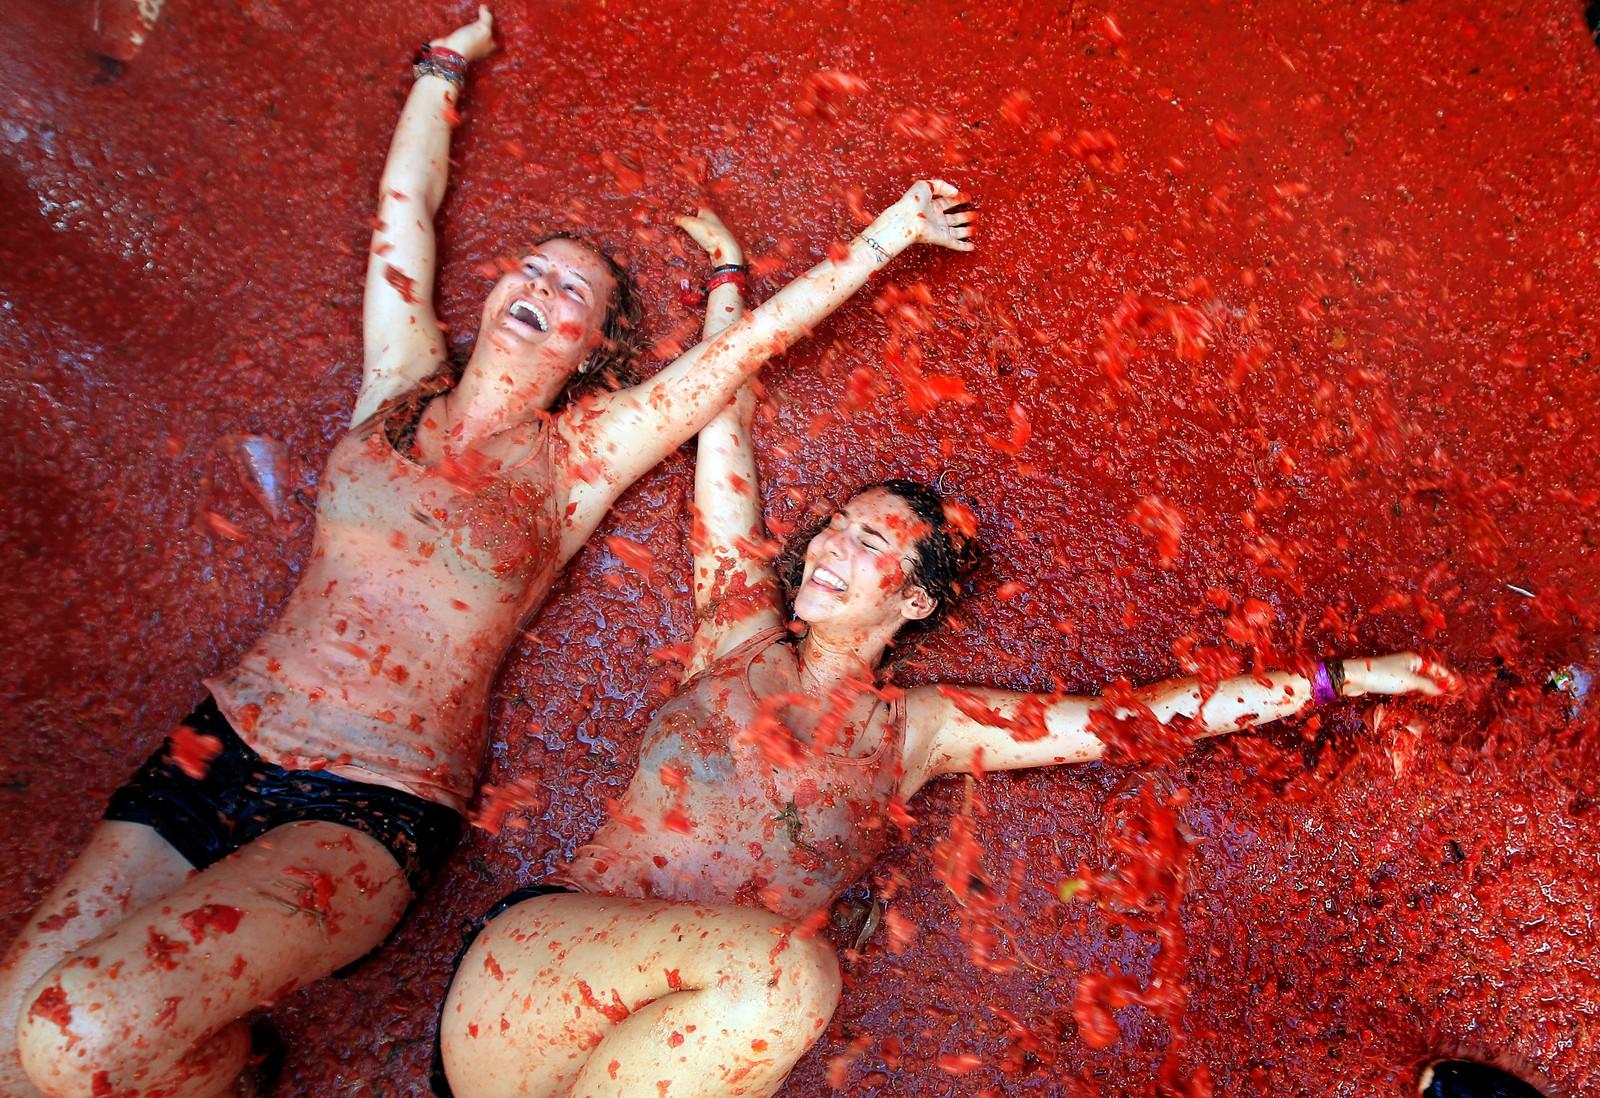 To kvinnelige deltakere ligger i et hav av knuste tomater.